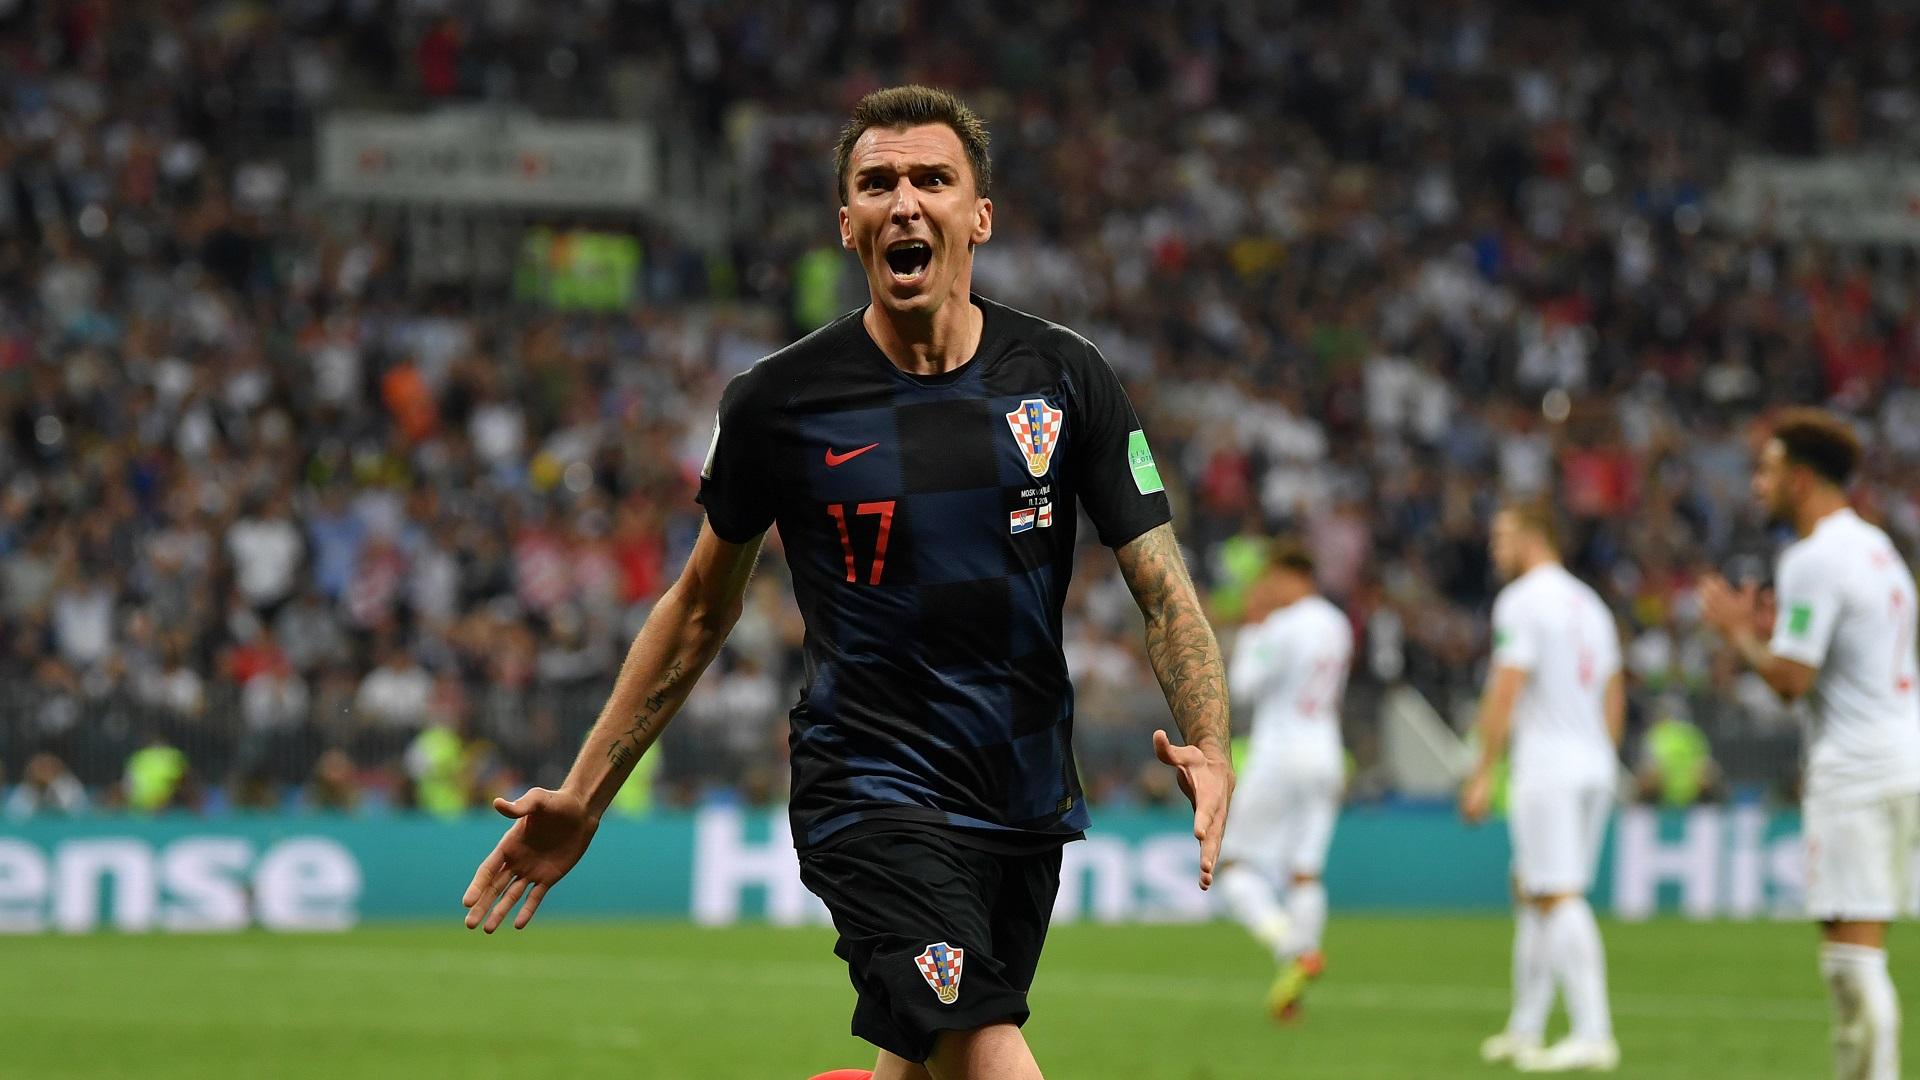 CHÍNH THỨC: Mandzukic giã từ tuyển Croatia - Bóng Đá